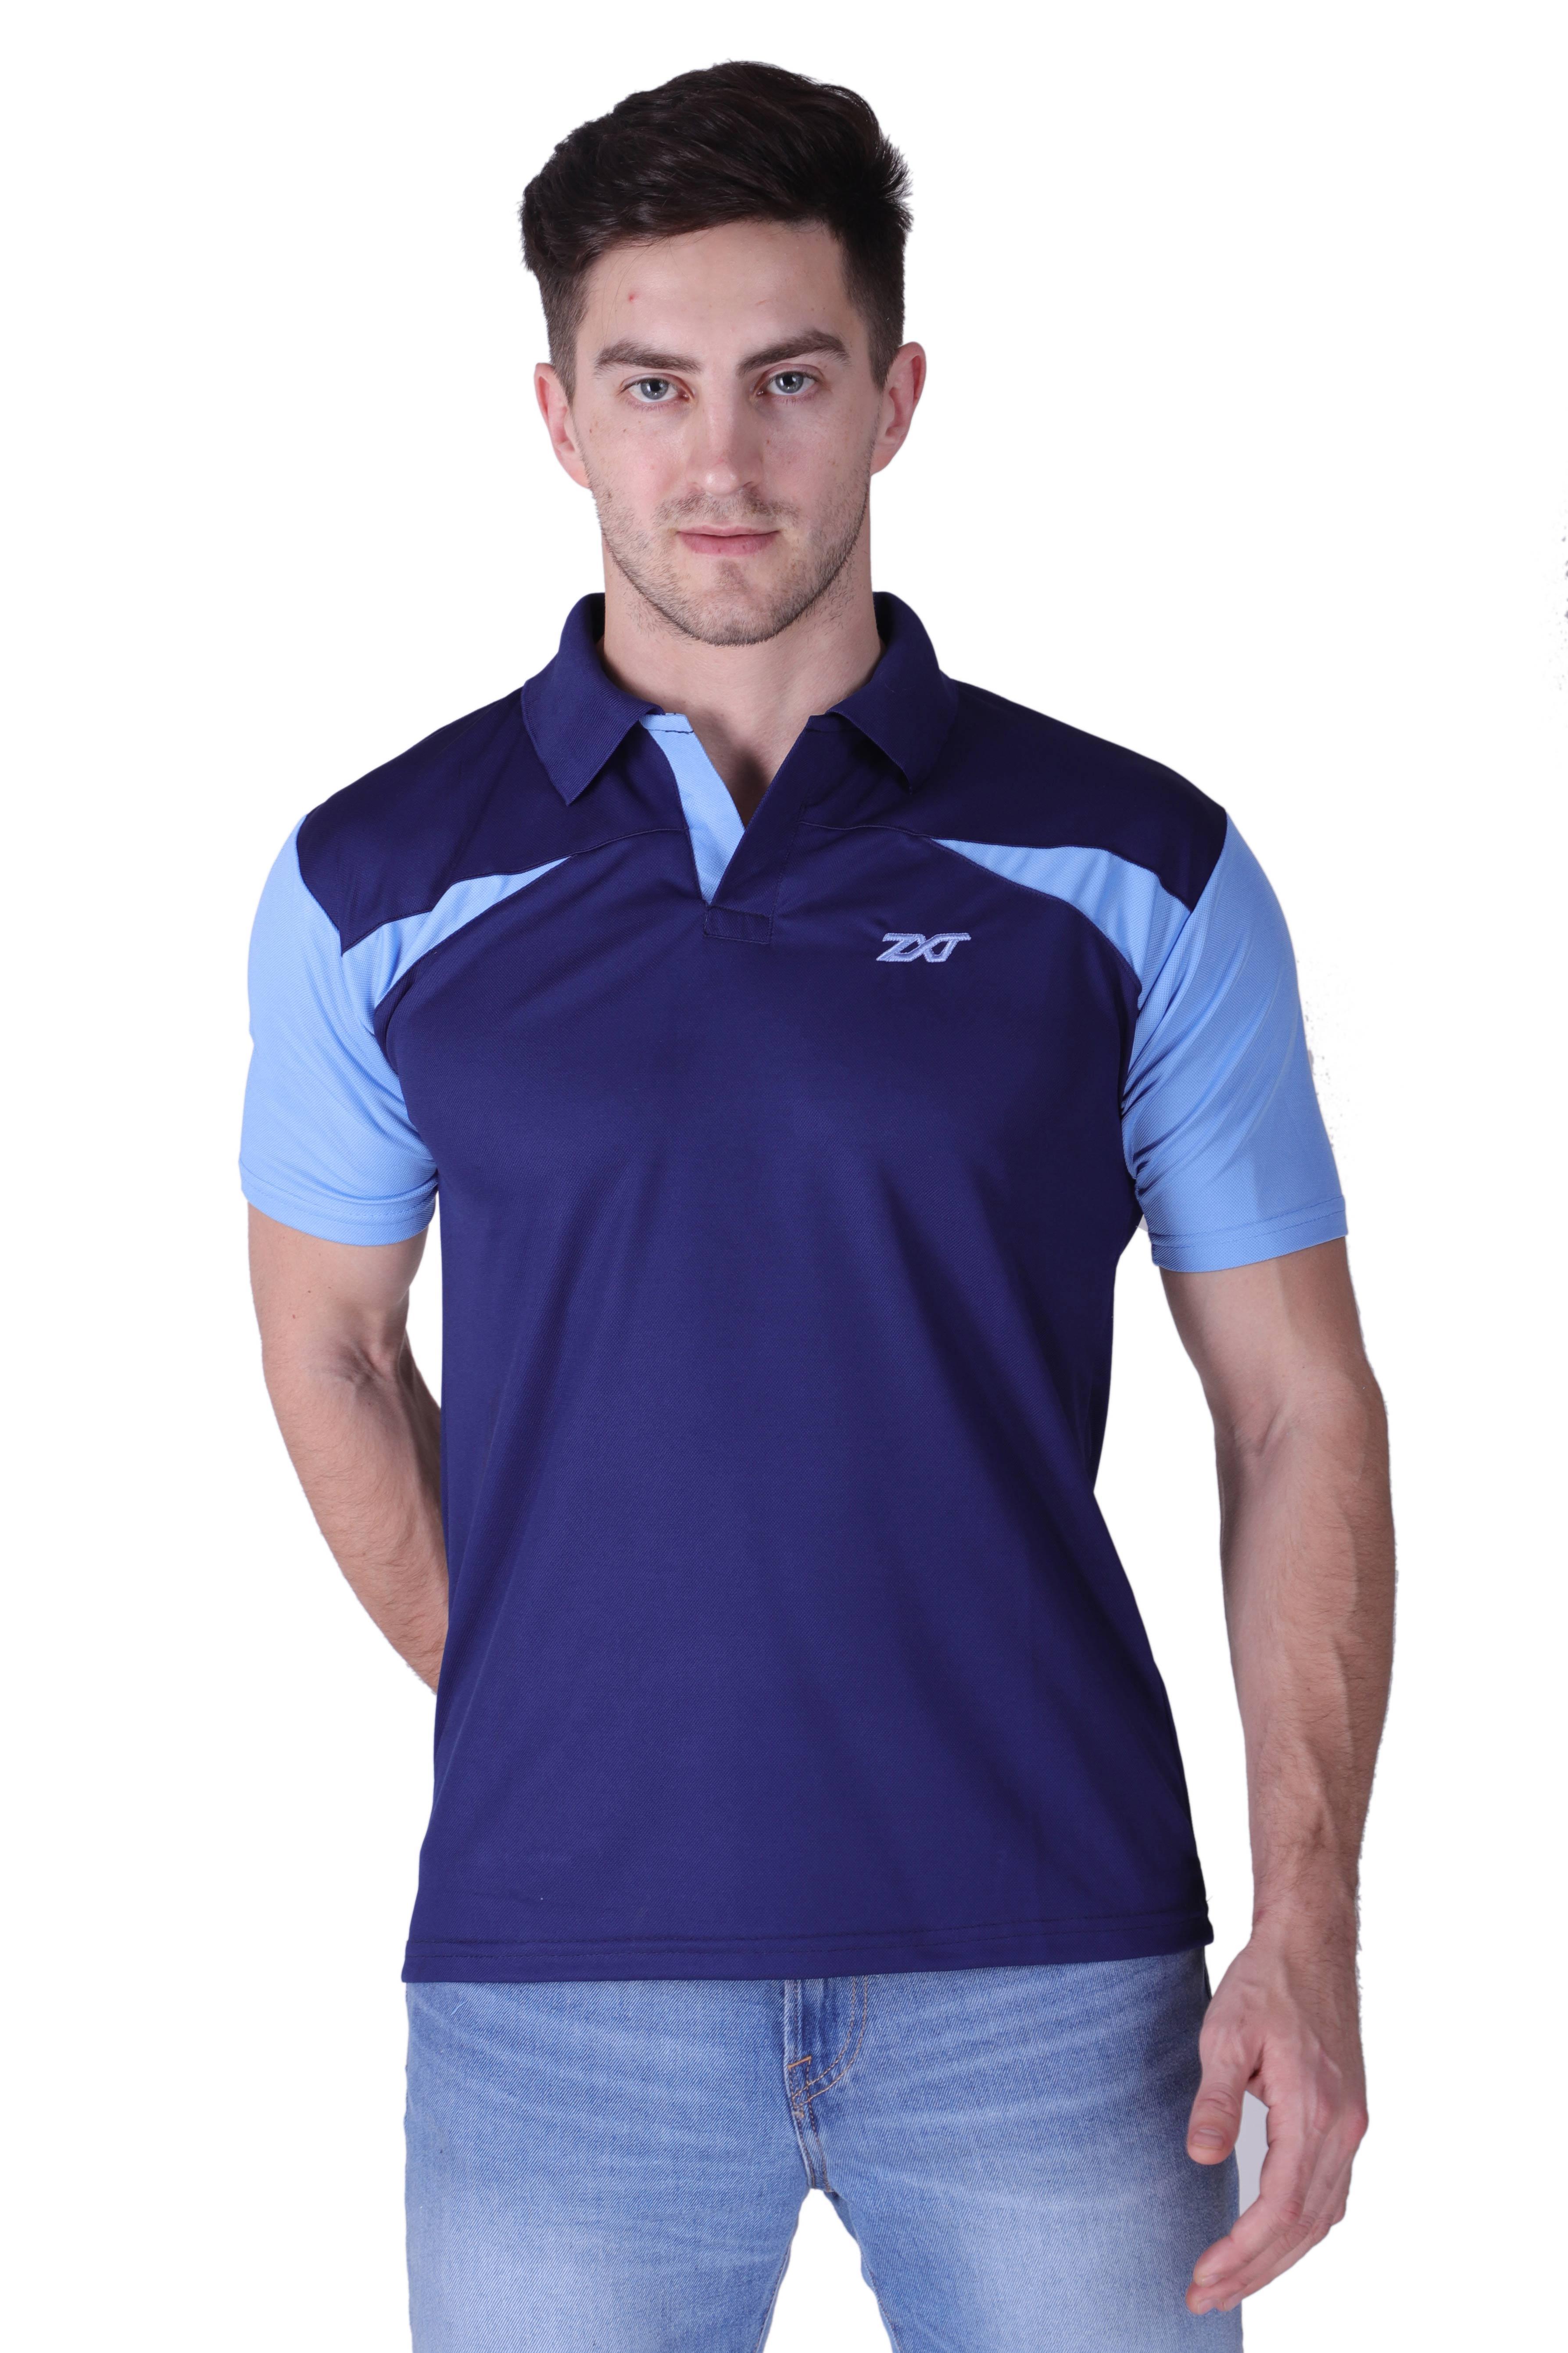 ZXT Sports T-shirts